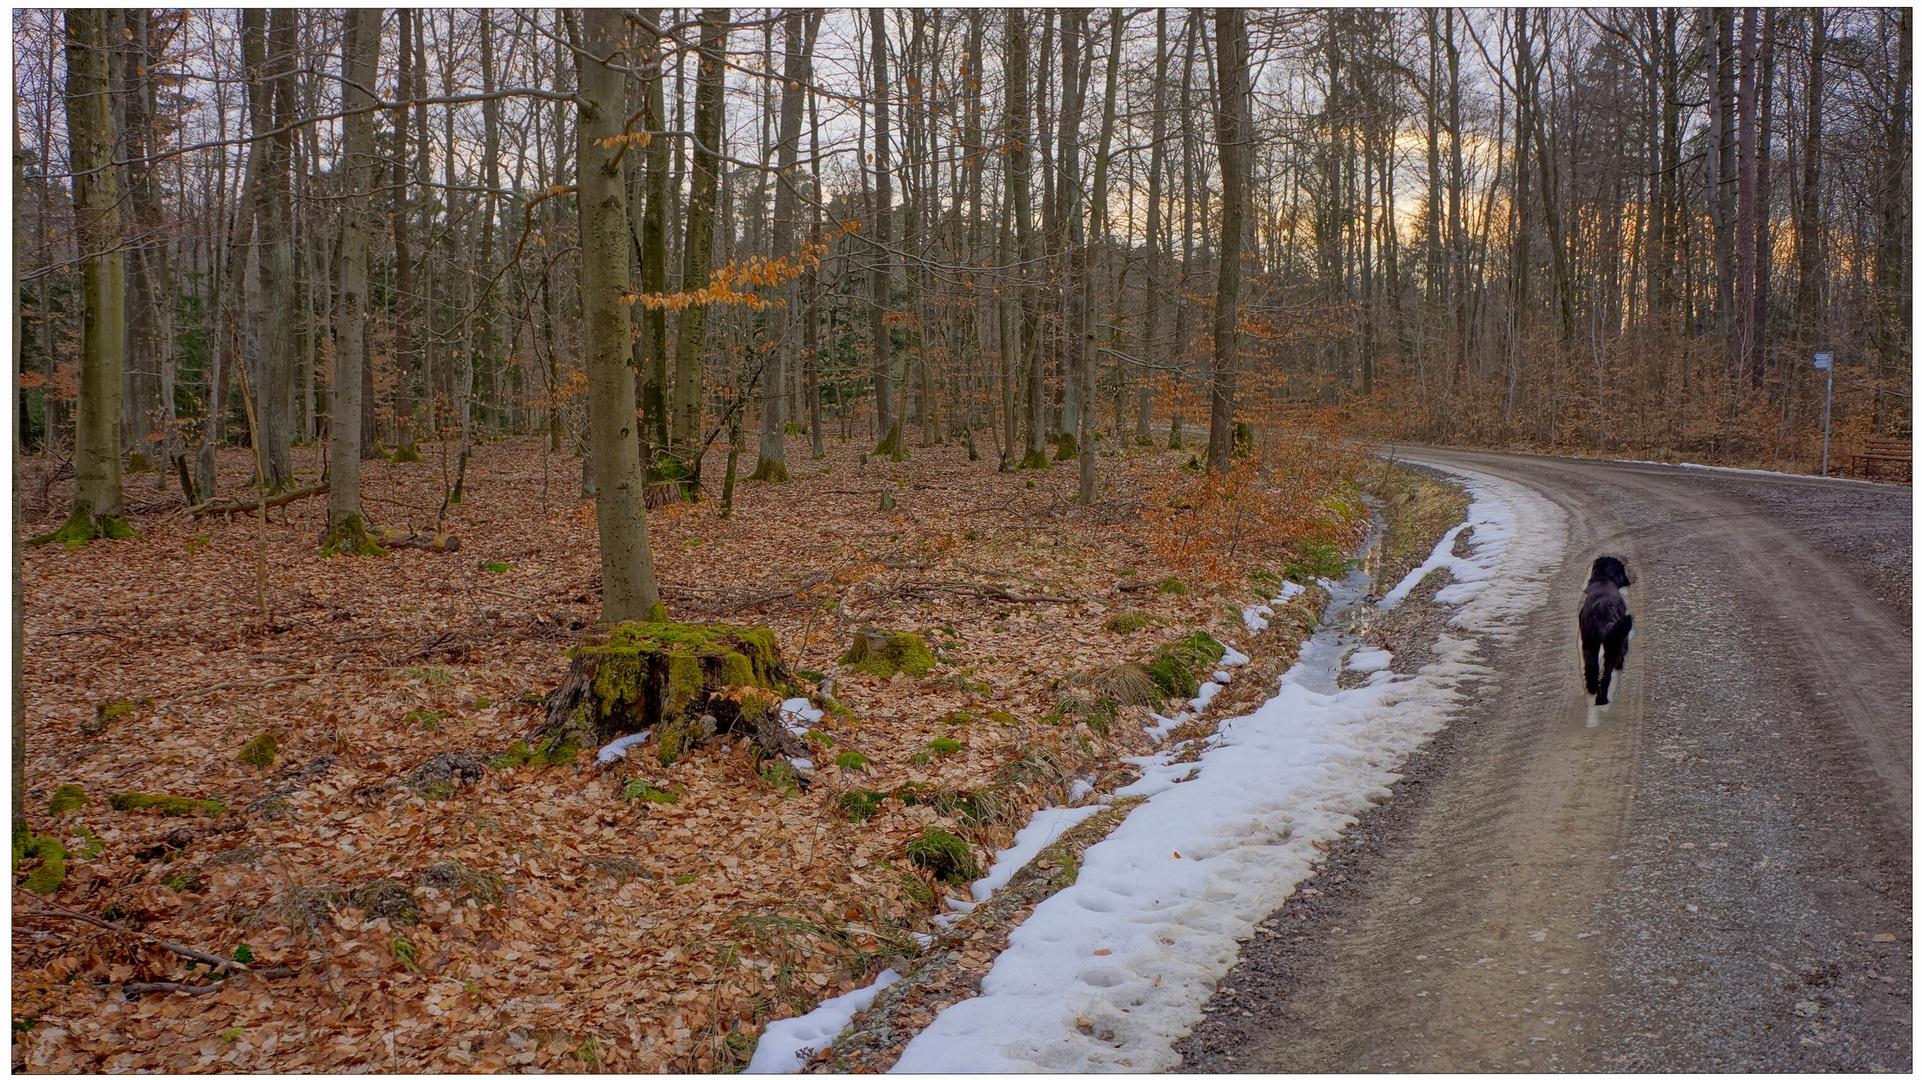 Mit Wicky-Emily durch den Wald (pasando con Wicky-Emily por el bosque)